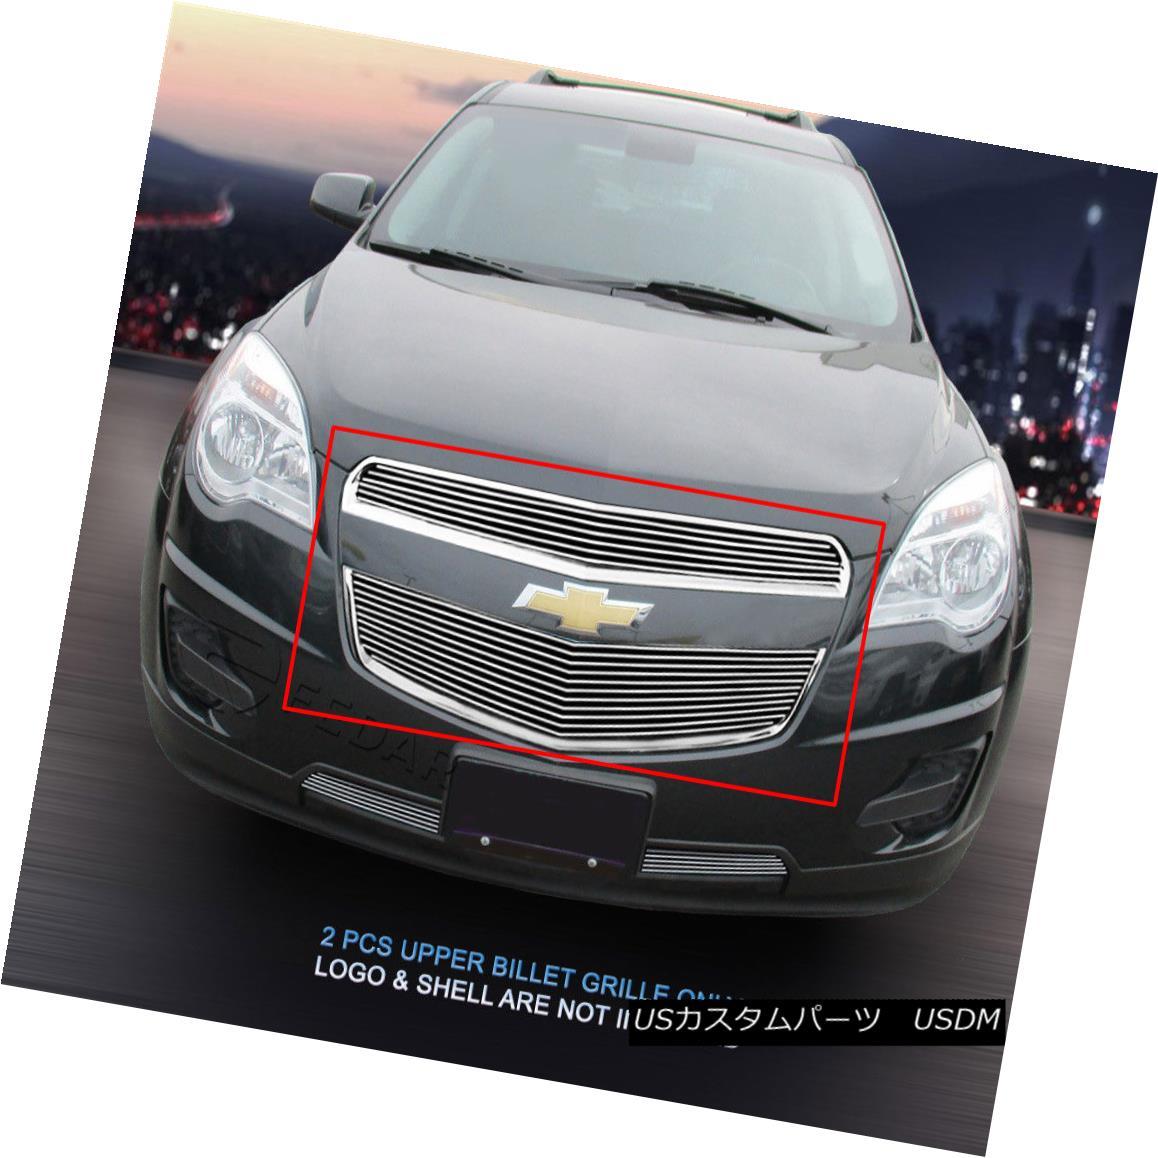 グリル 2010-2015 Chevy Equinox Billet Grille Grill Bolton Insert Fedar 2010-2015シボレーエクイノックスビレットグリルグリルボルトンインサートFedar